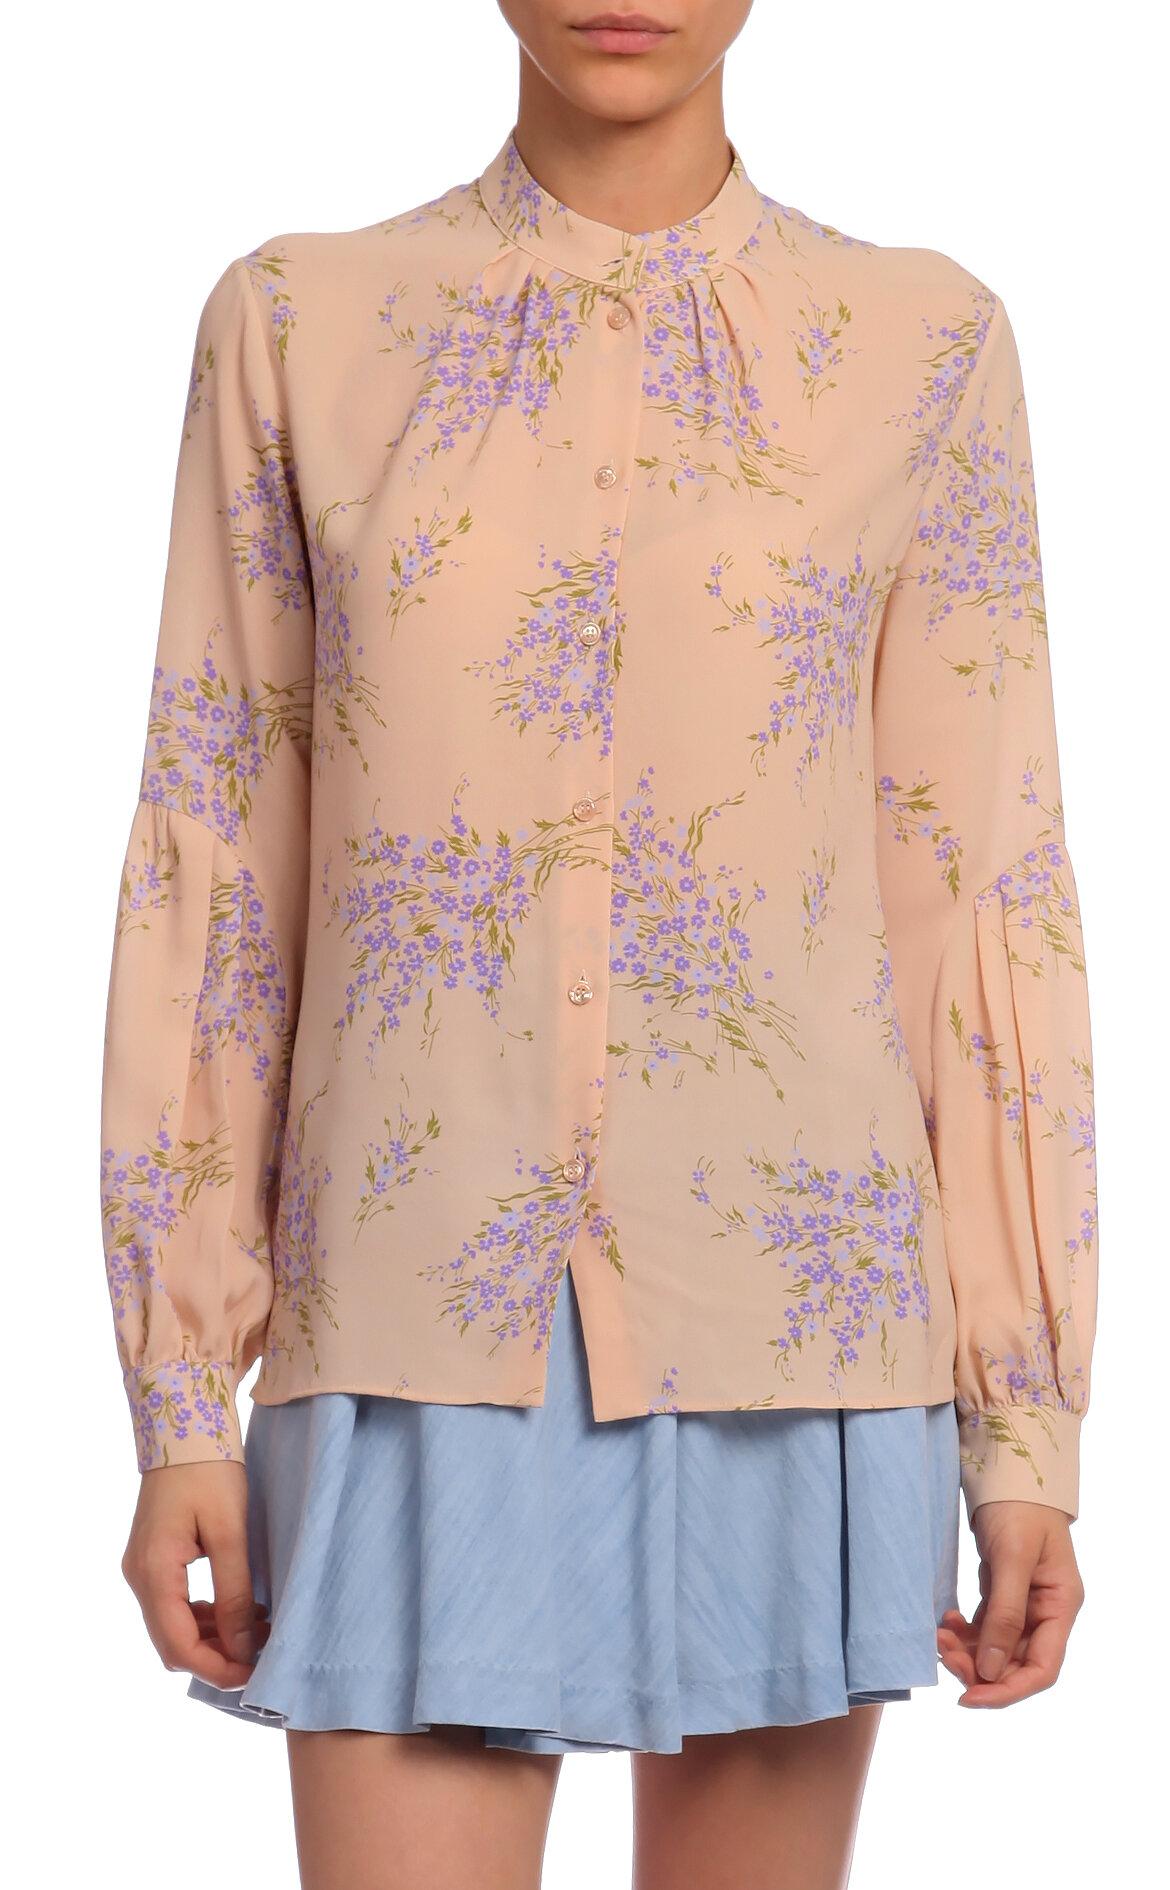 Michael Kors Collection-Michael Kors Collection Gömlek